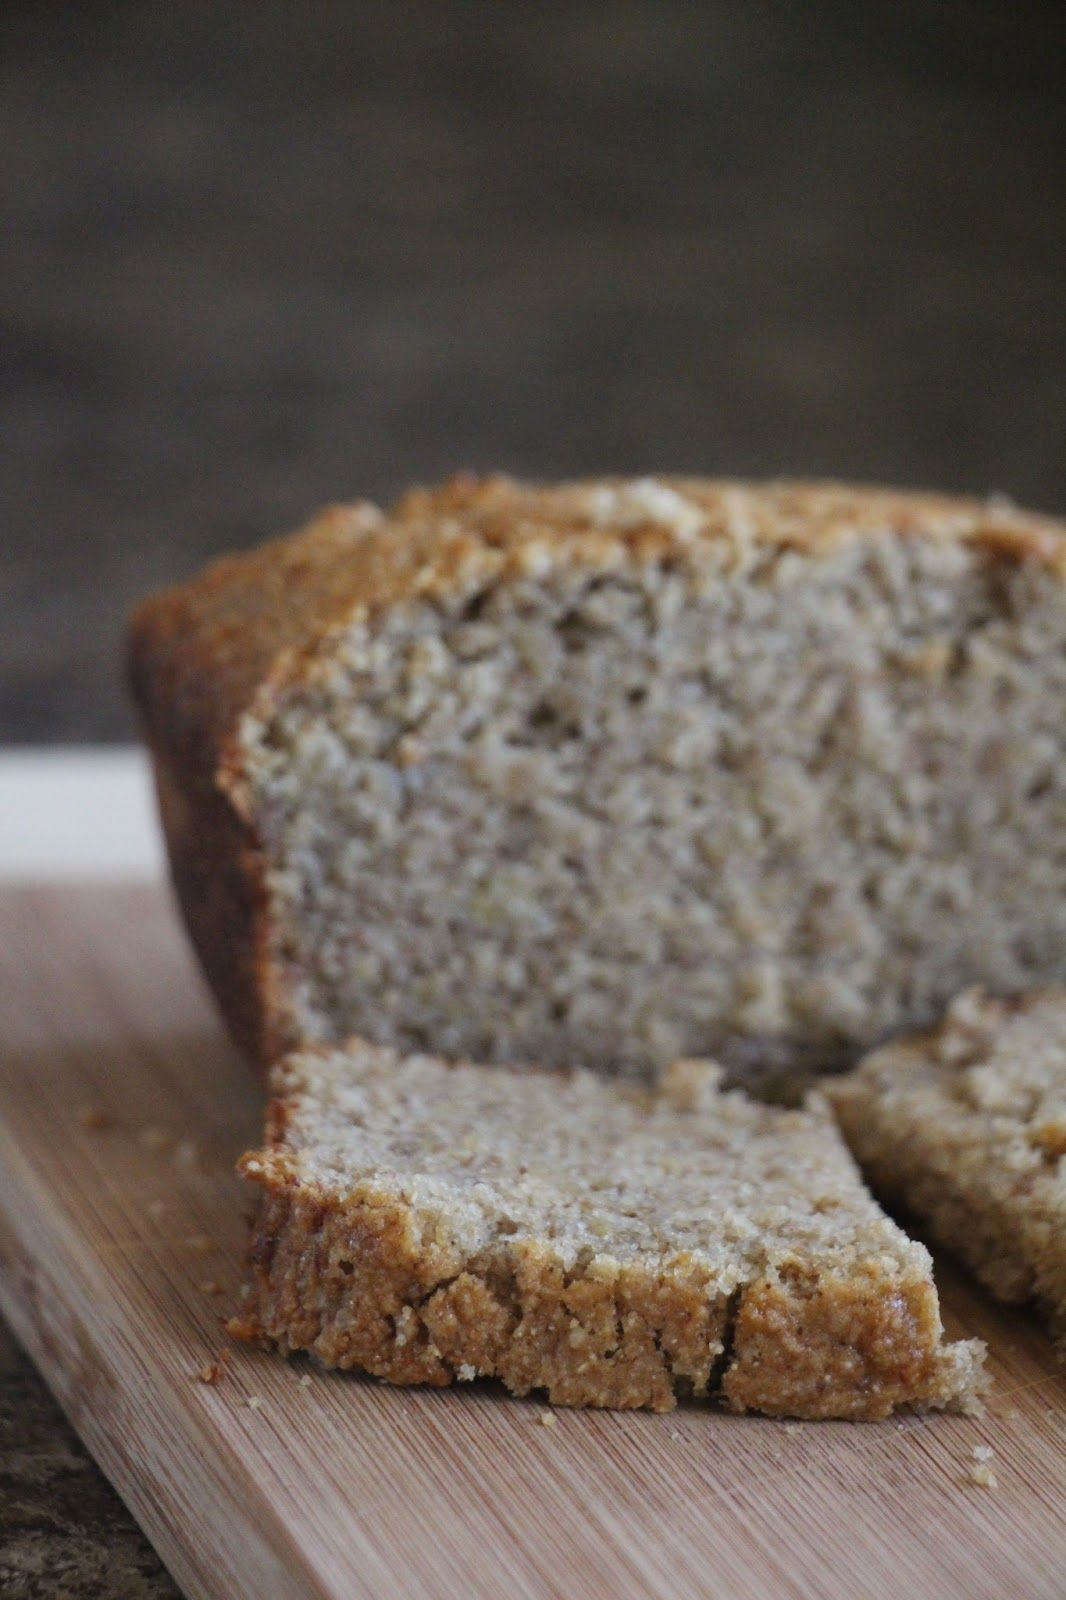 Yogimommi Playdate Inspired Vegan Banana Bread Unislim Recipes Recipes Vegan Banana Bread